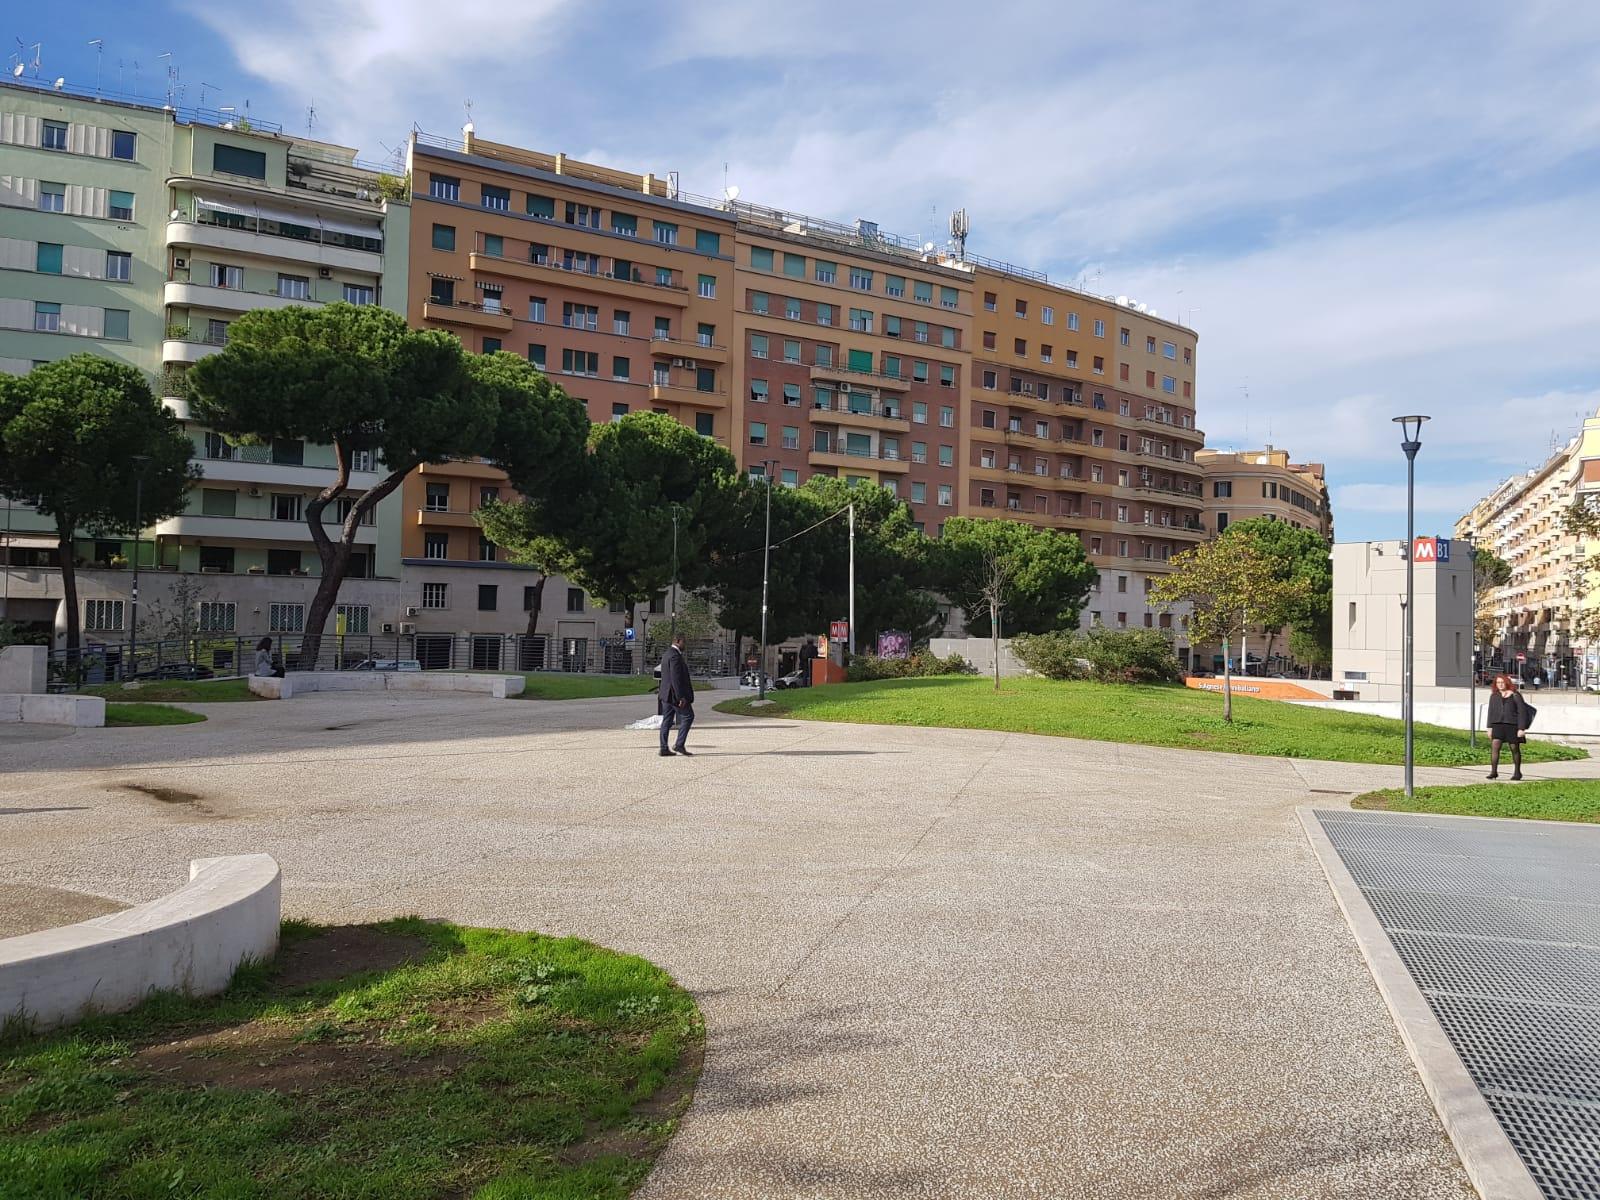 piazza annibaliano